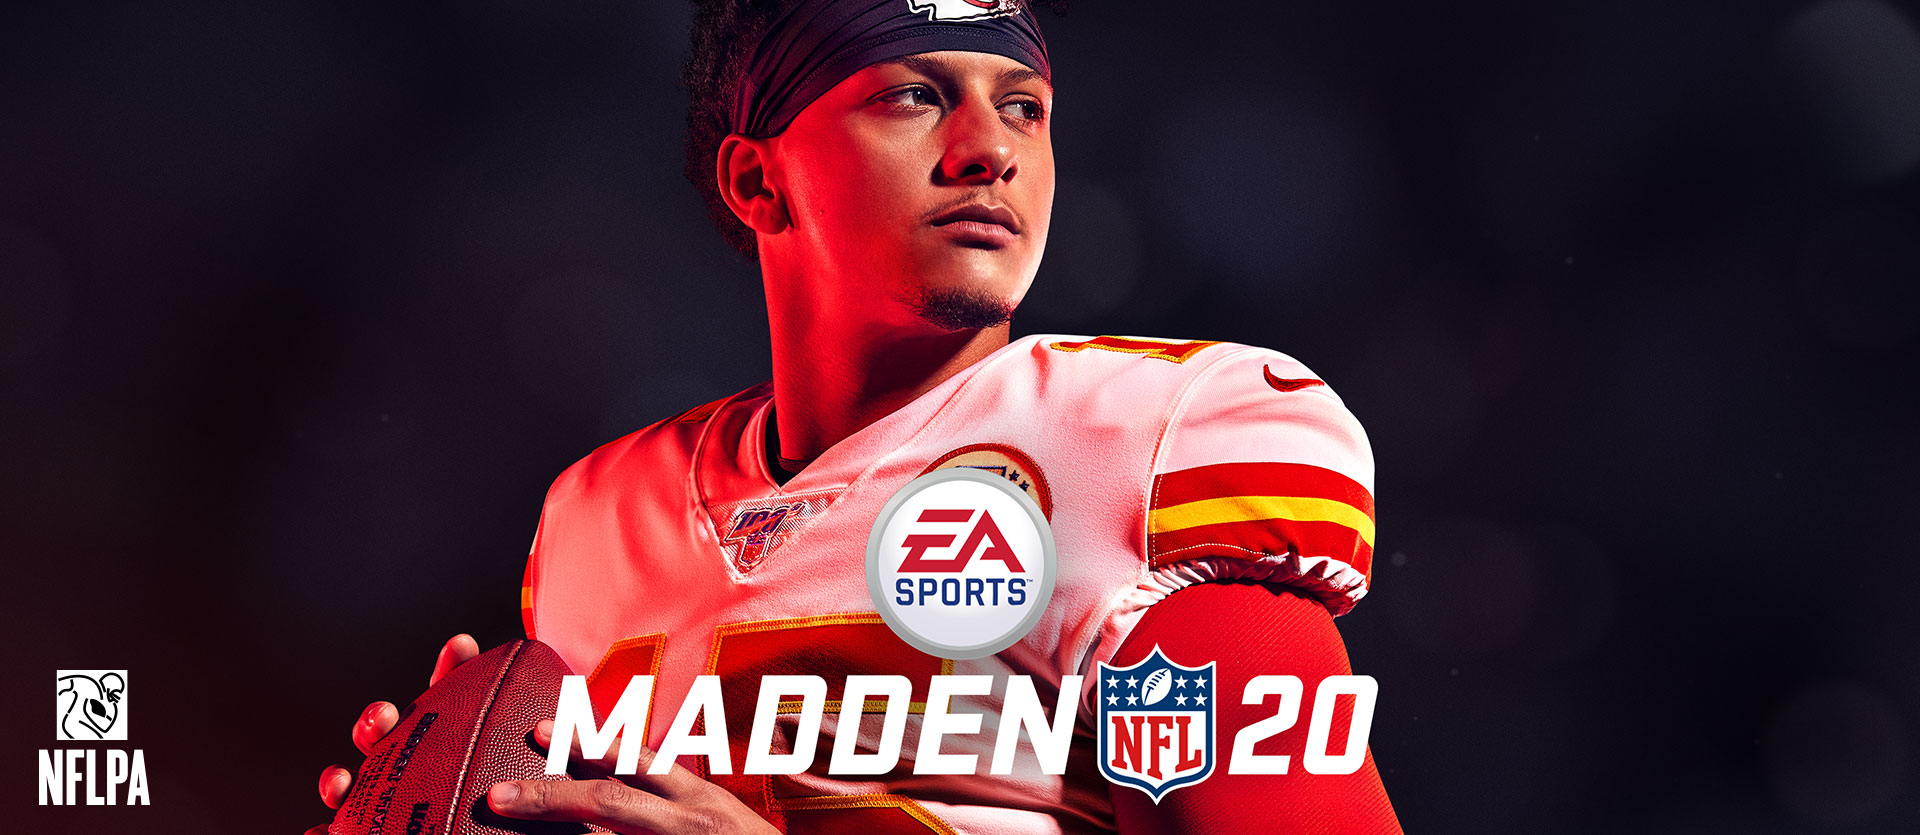 Madden NFL 20, logotipo de la NFLPA, jugador de fútbol americano con el equipo completo sombreado en rojo